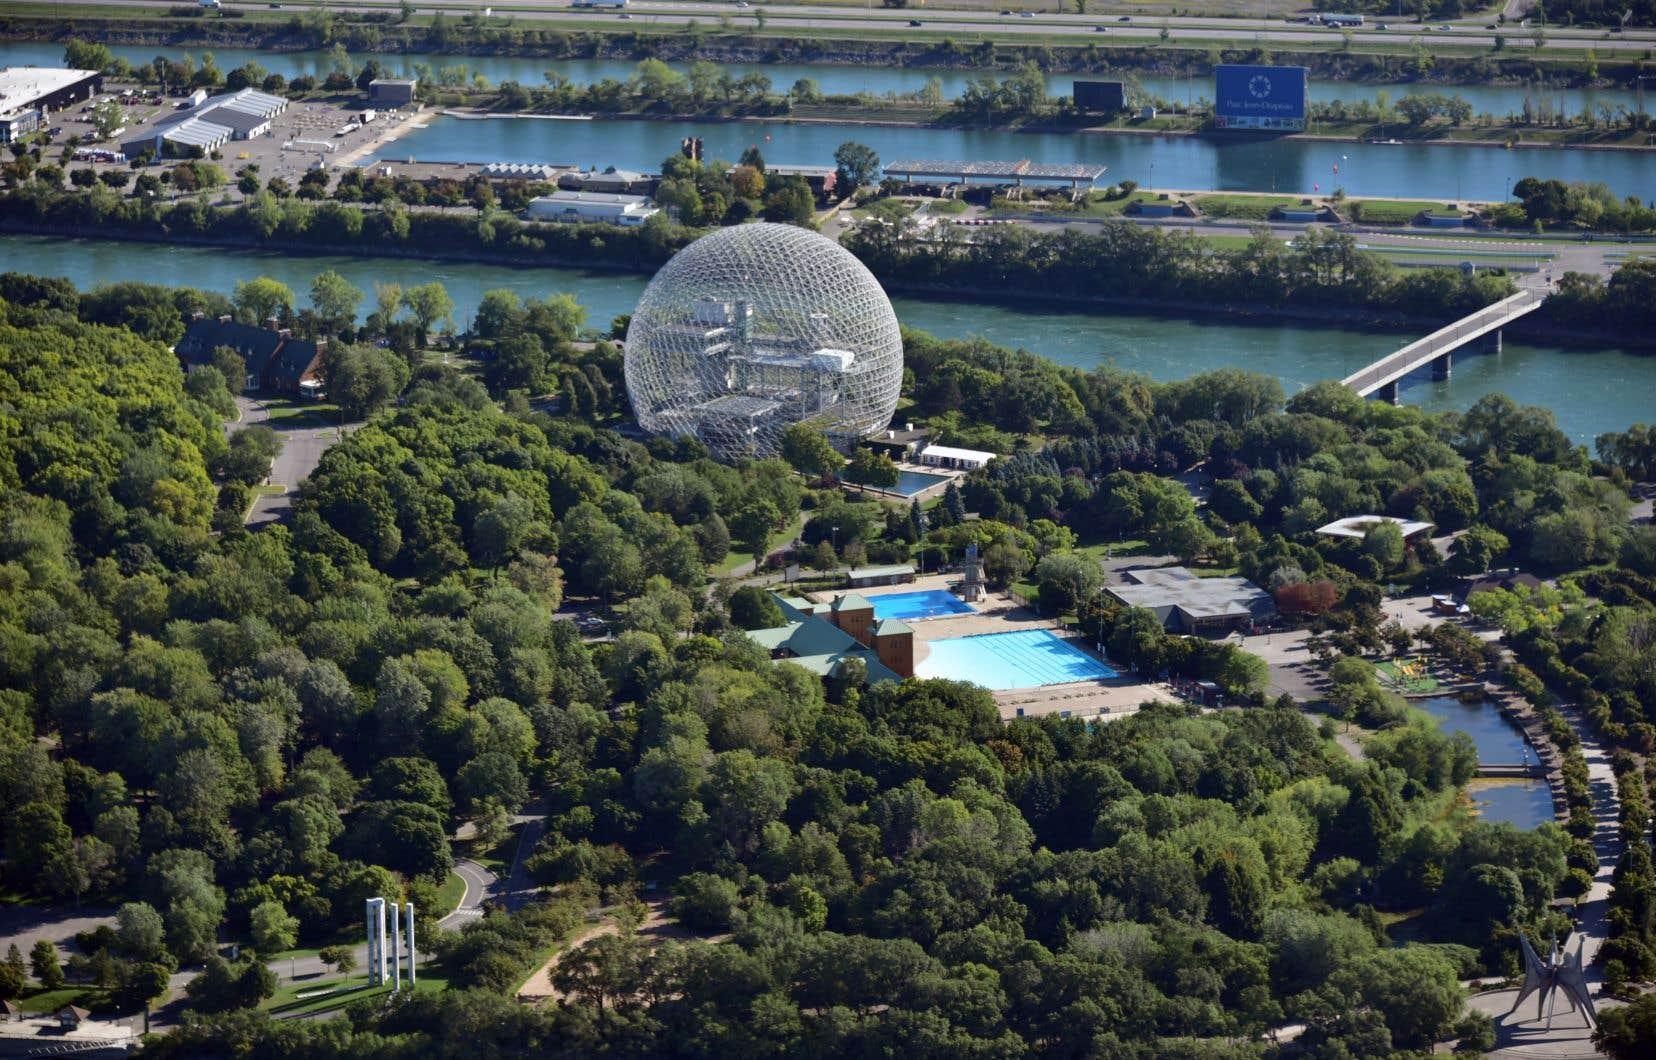 L'accroissement de la fréquentation du parc doit demeurer un objectif, mais pas au détriment de la vocation nature du parc et sa préservation, estime l'Office de consultation publique de Montréal.